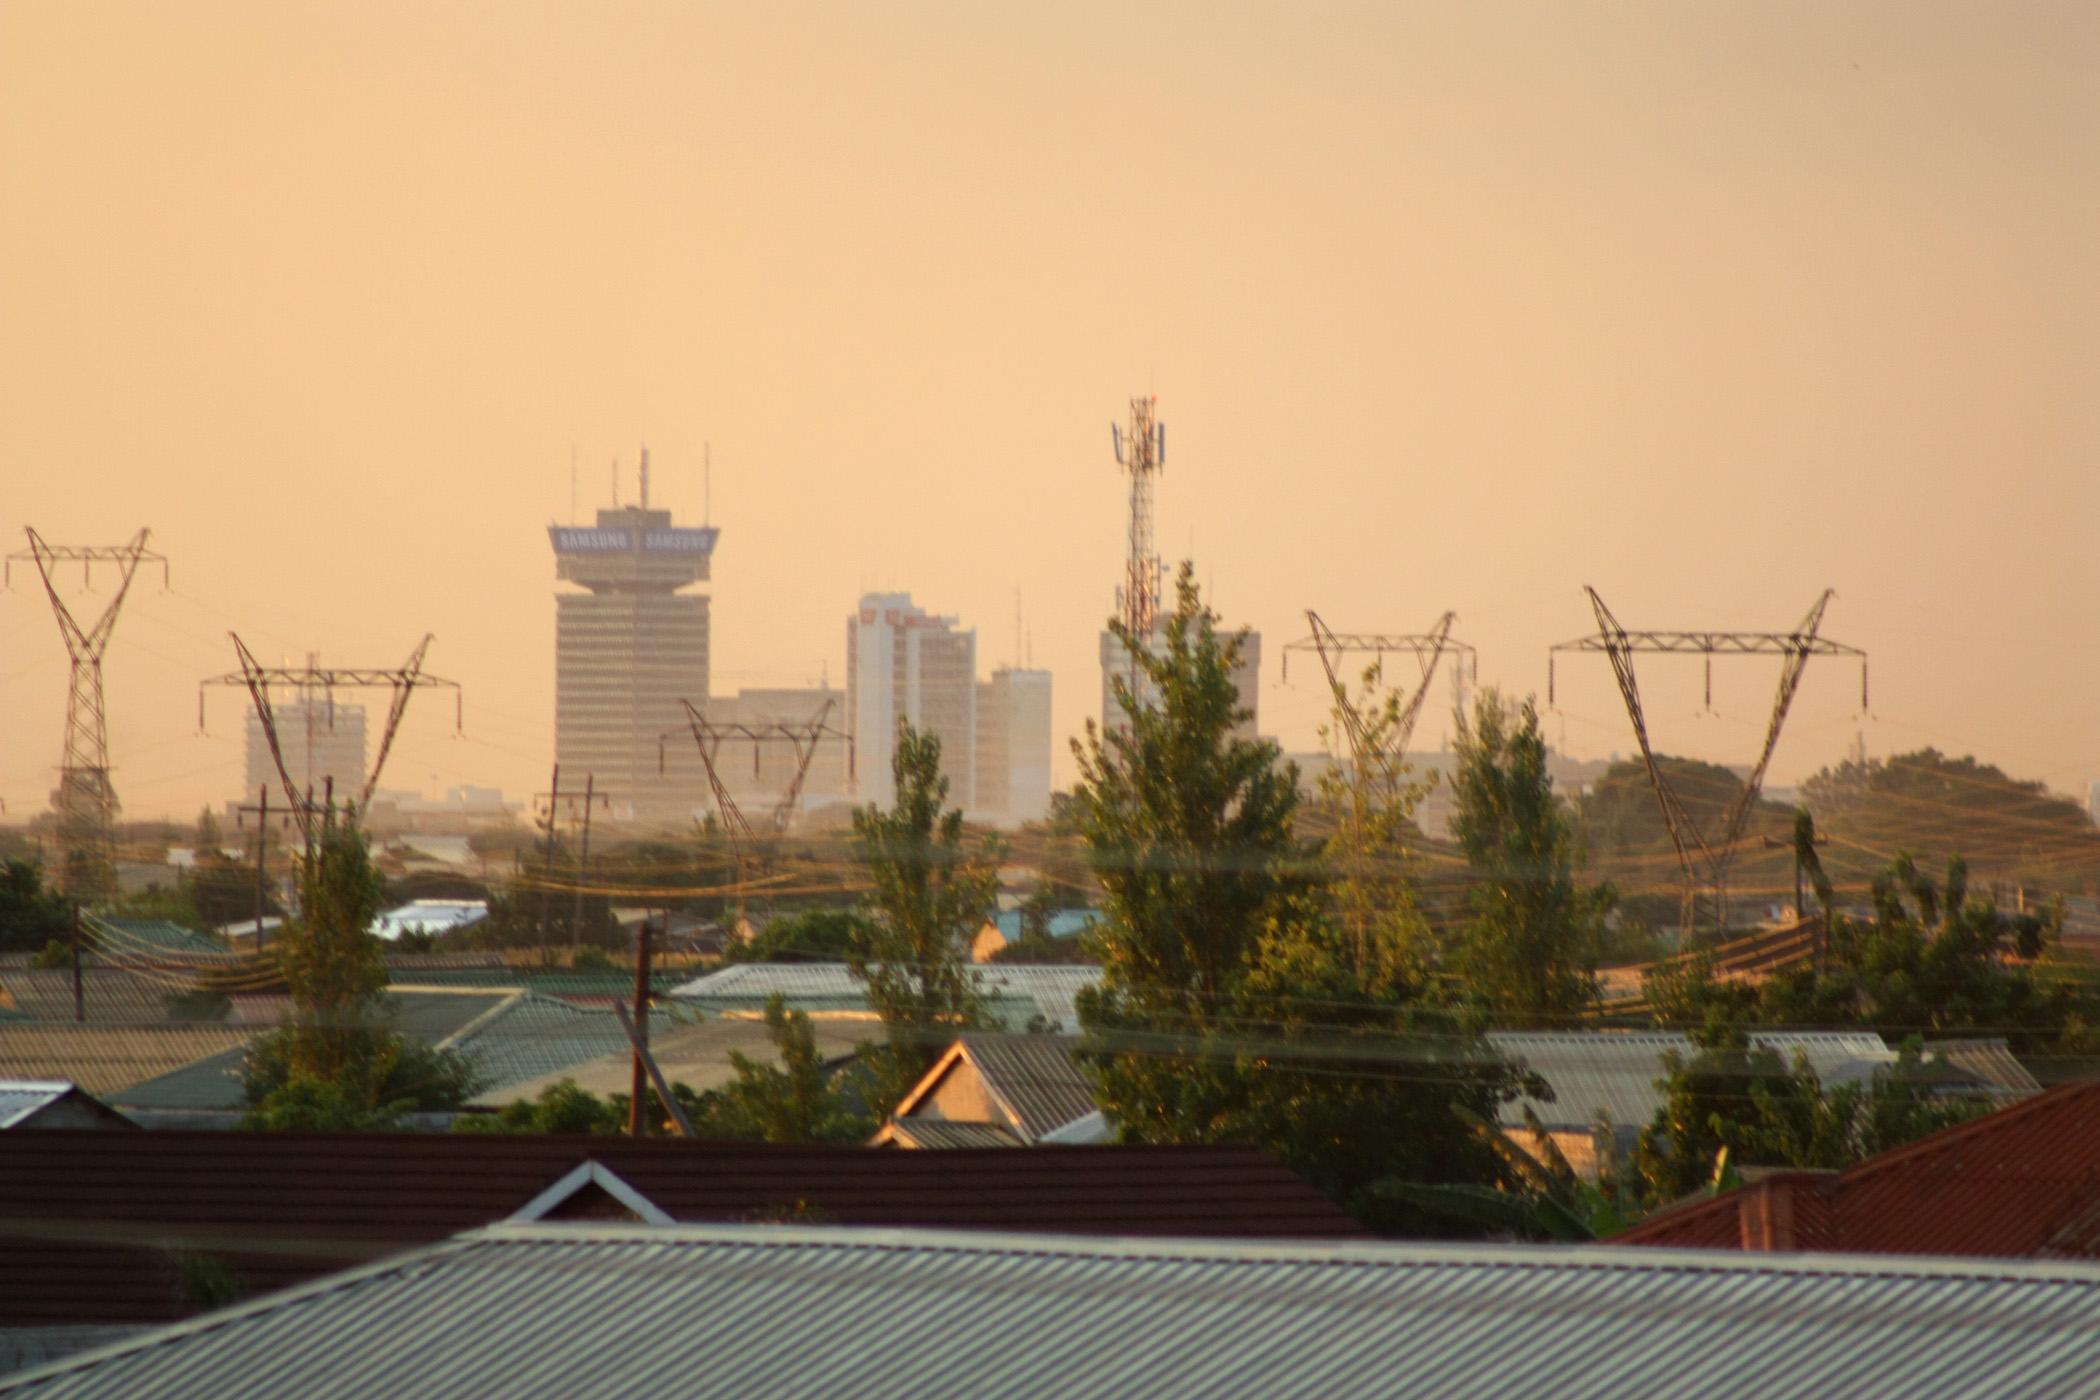 Zambija Lusaka_(Zambia)_at_dusk.